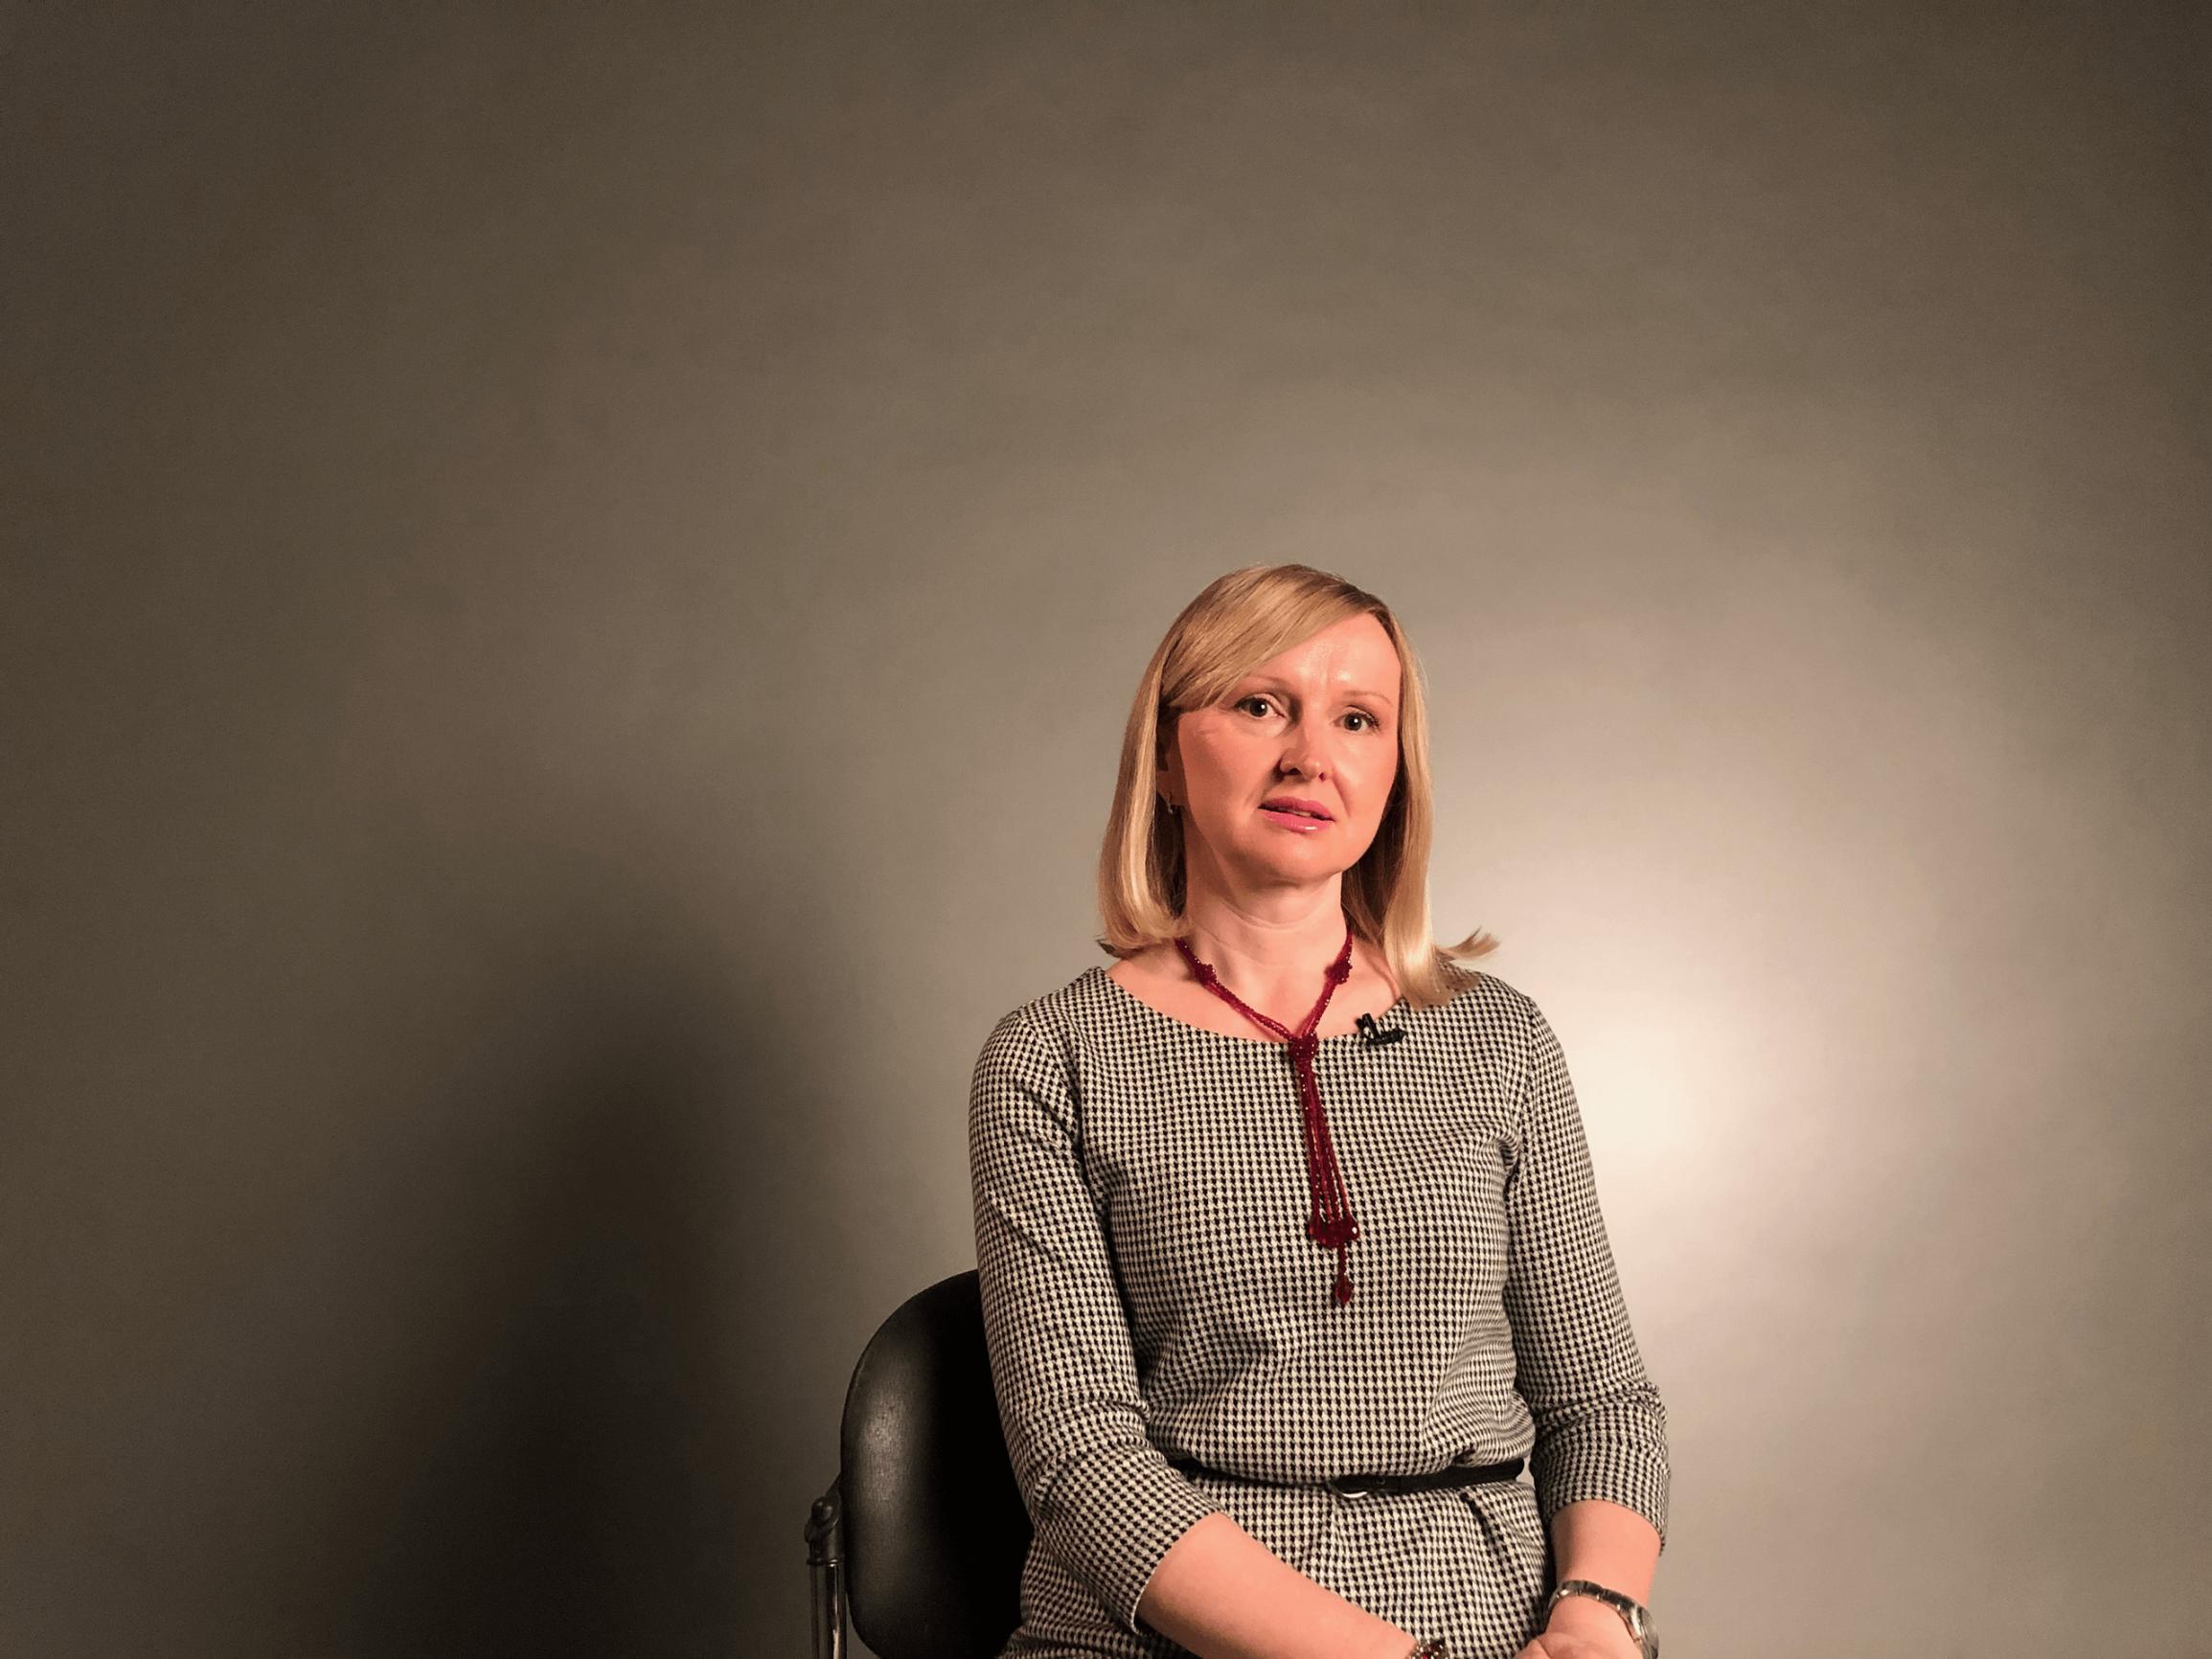 Vrhunski liječnici odgovaraju na vaša pitanja! O raku vrata maternice pitali smo dr. Jadranku Belan Žuklić.